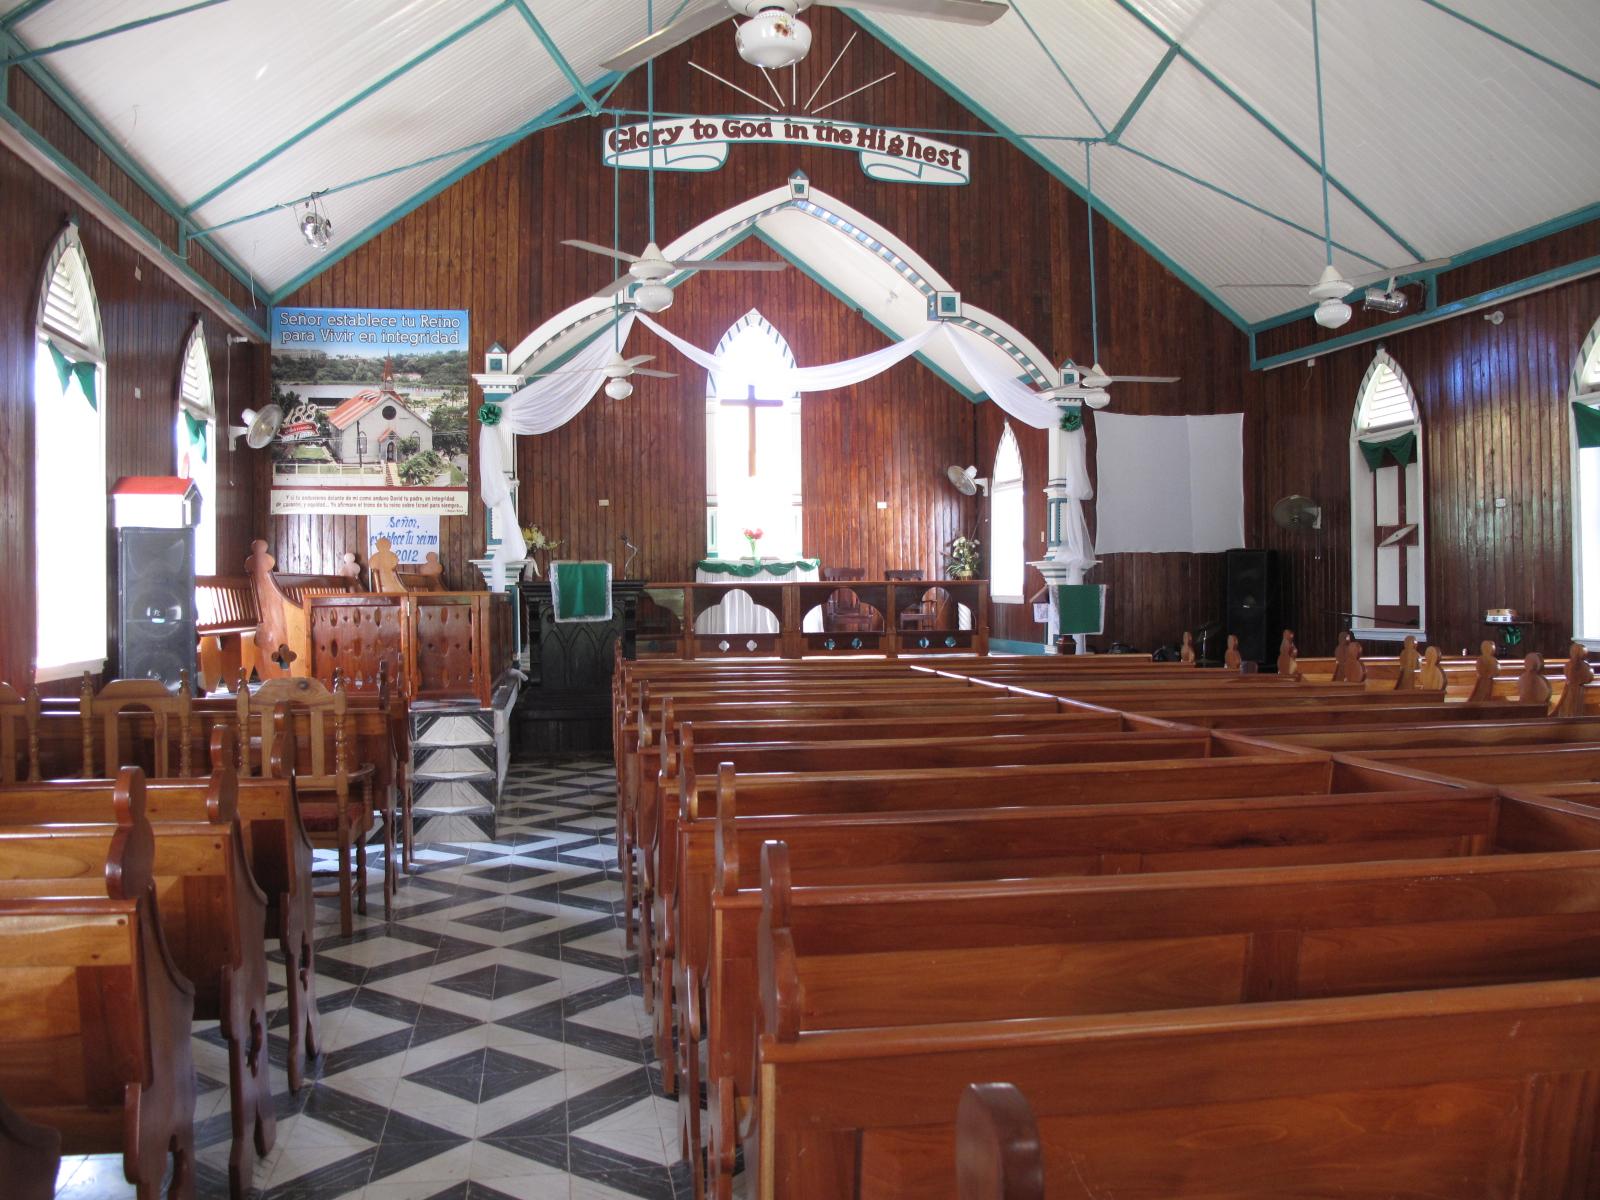 Barbara dominicana en San Luis 2340